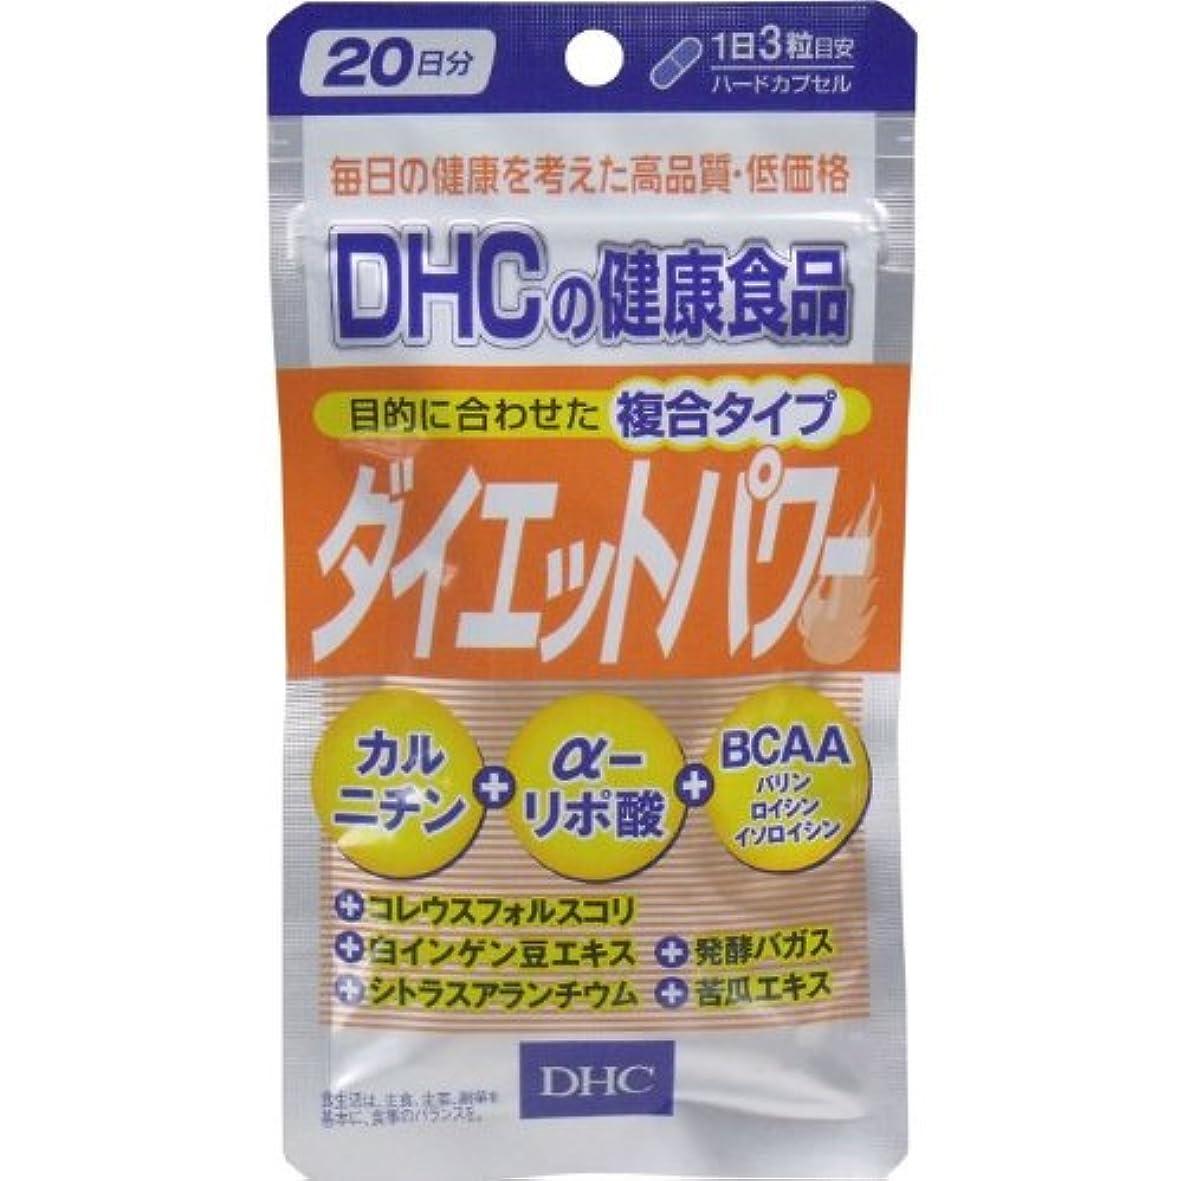 匹敵します借りるベッドDHC ダイエットパワー 60粒入 20日分【5個セット】